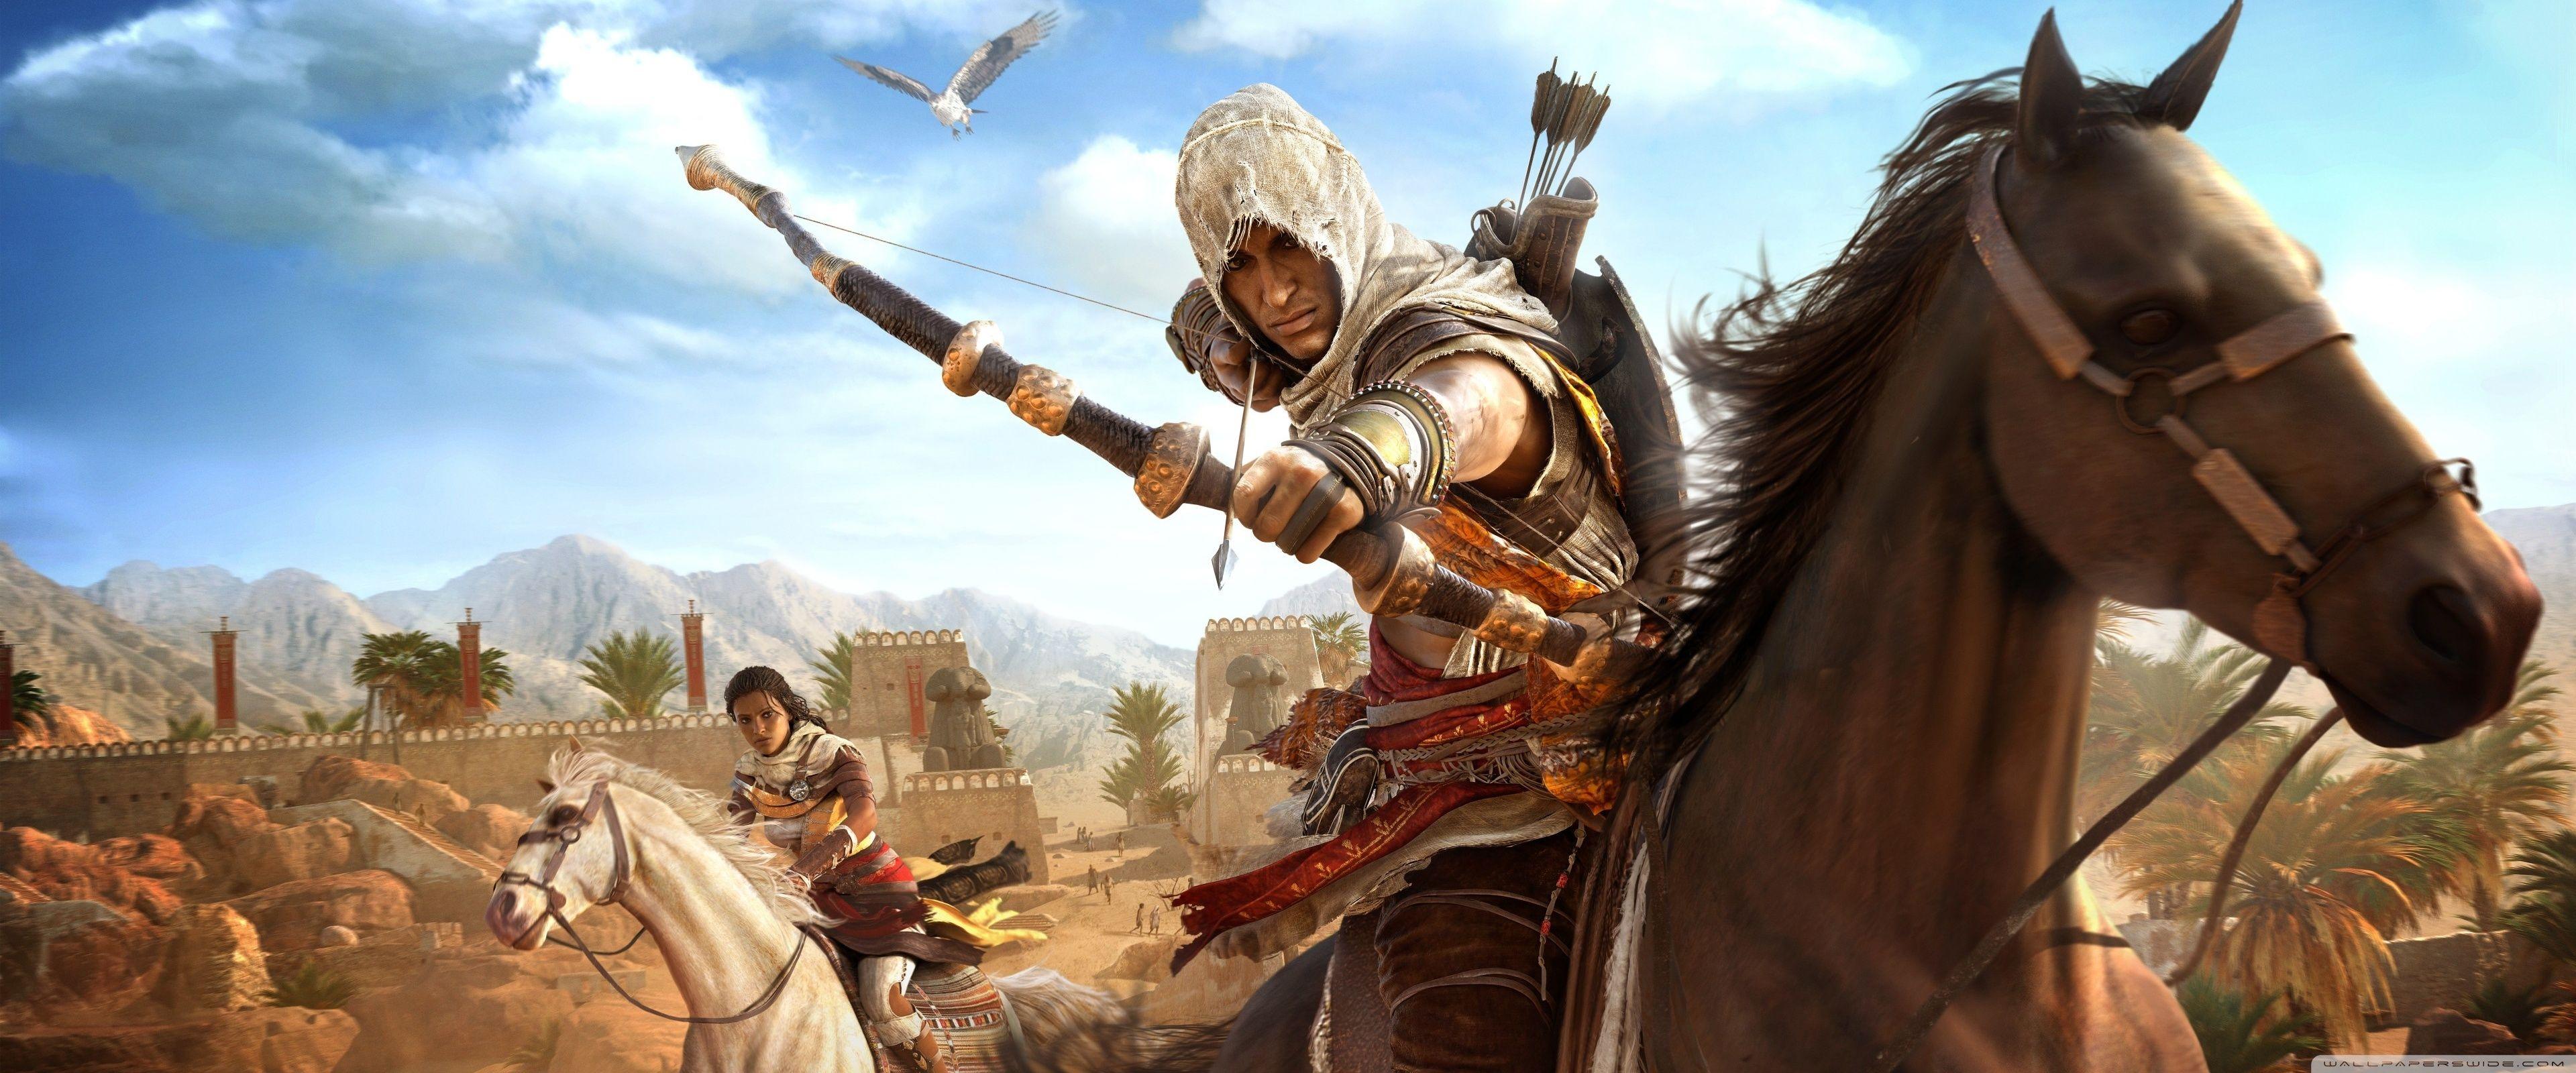 خلفيات سطح المكتب Hd ويندوز 10 Tecnologis Assassins Creed Origins Assassins Creed Assassin